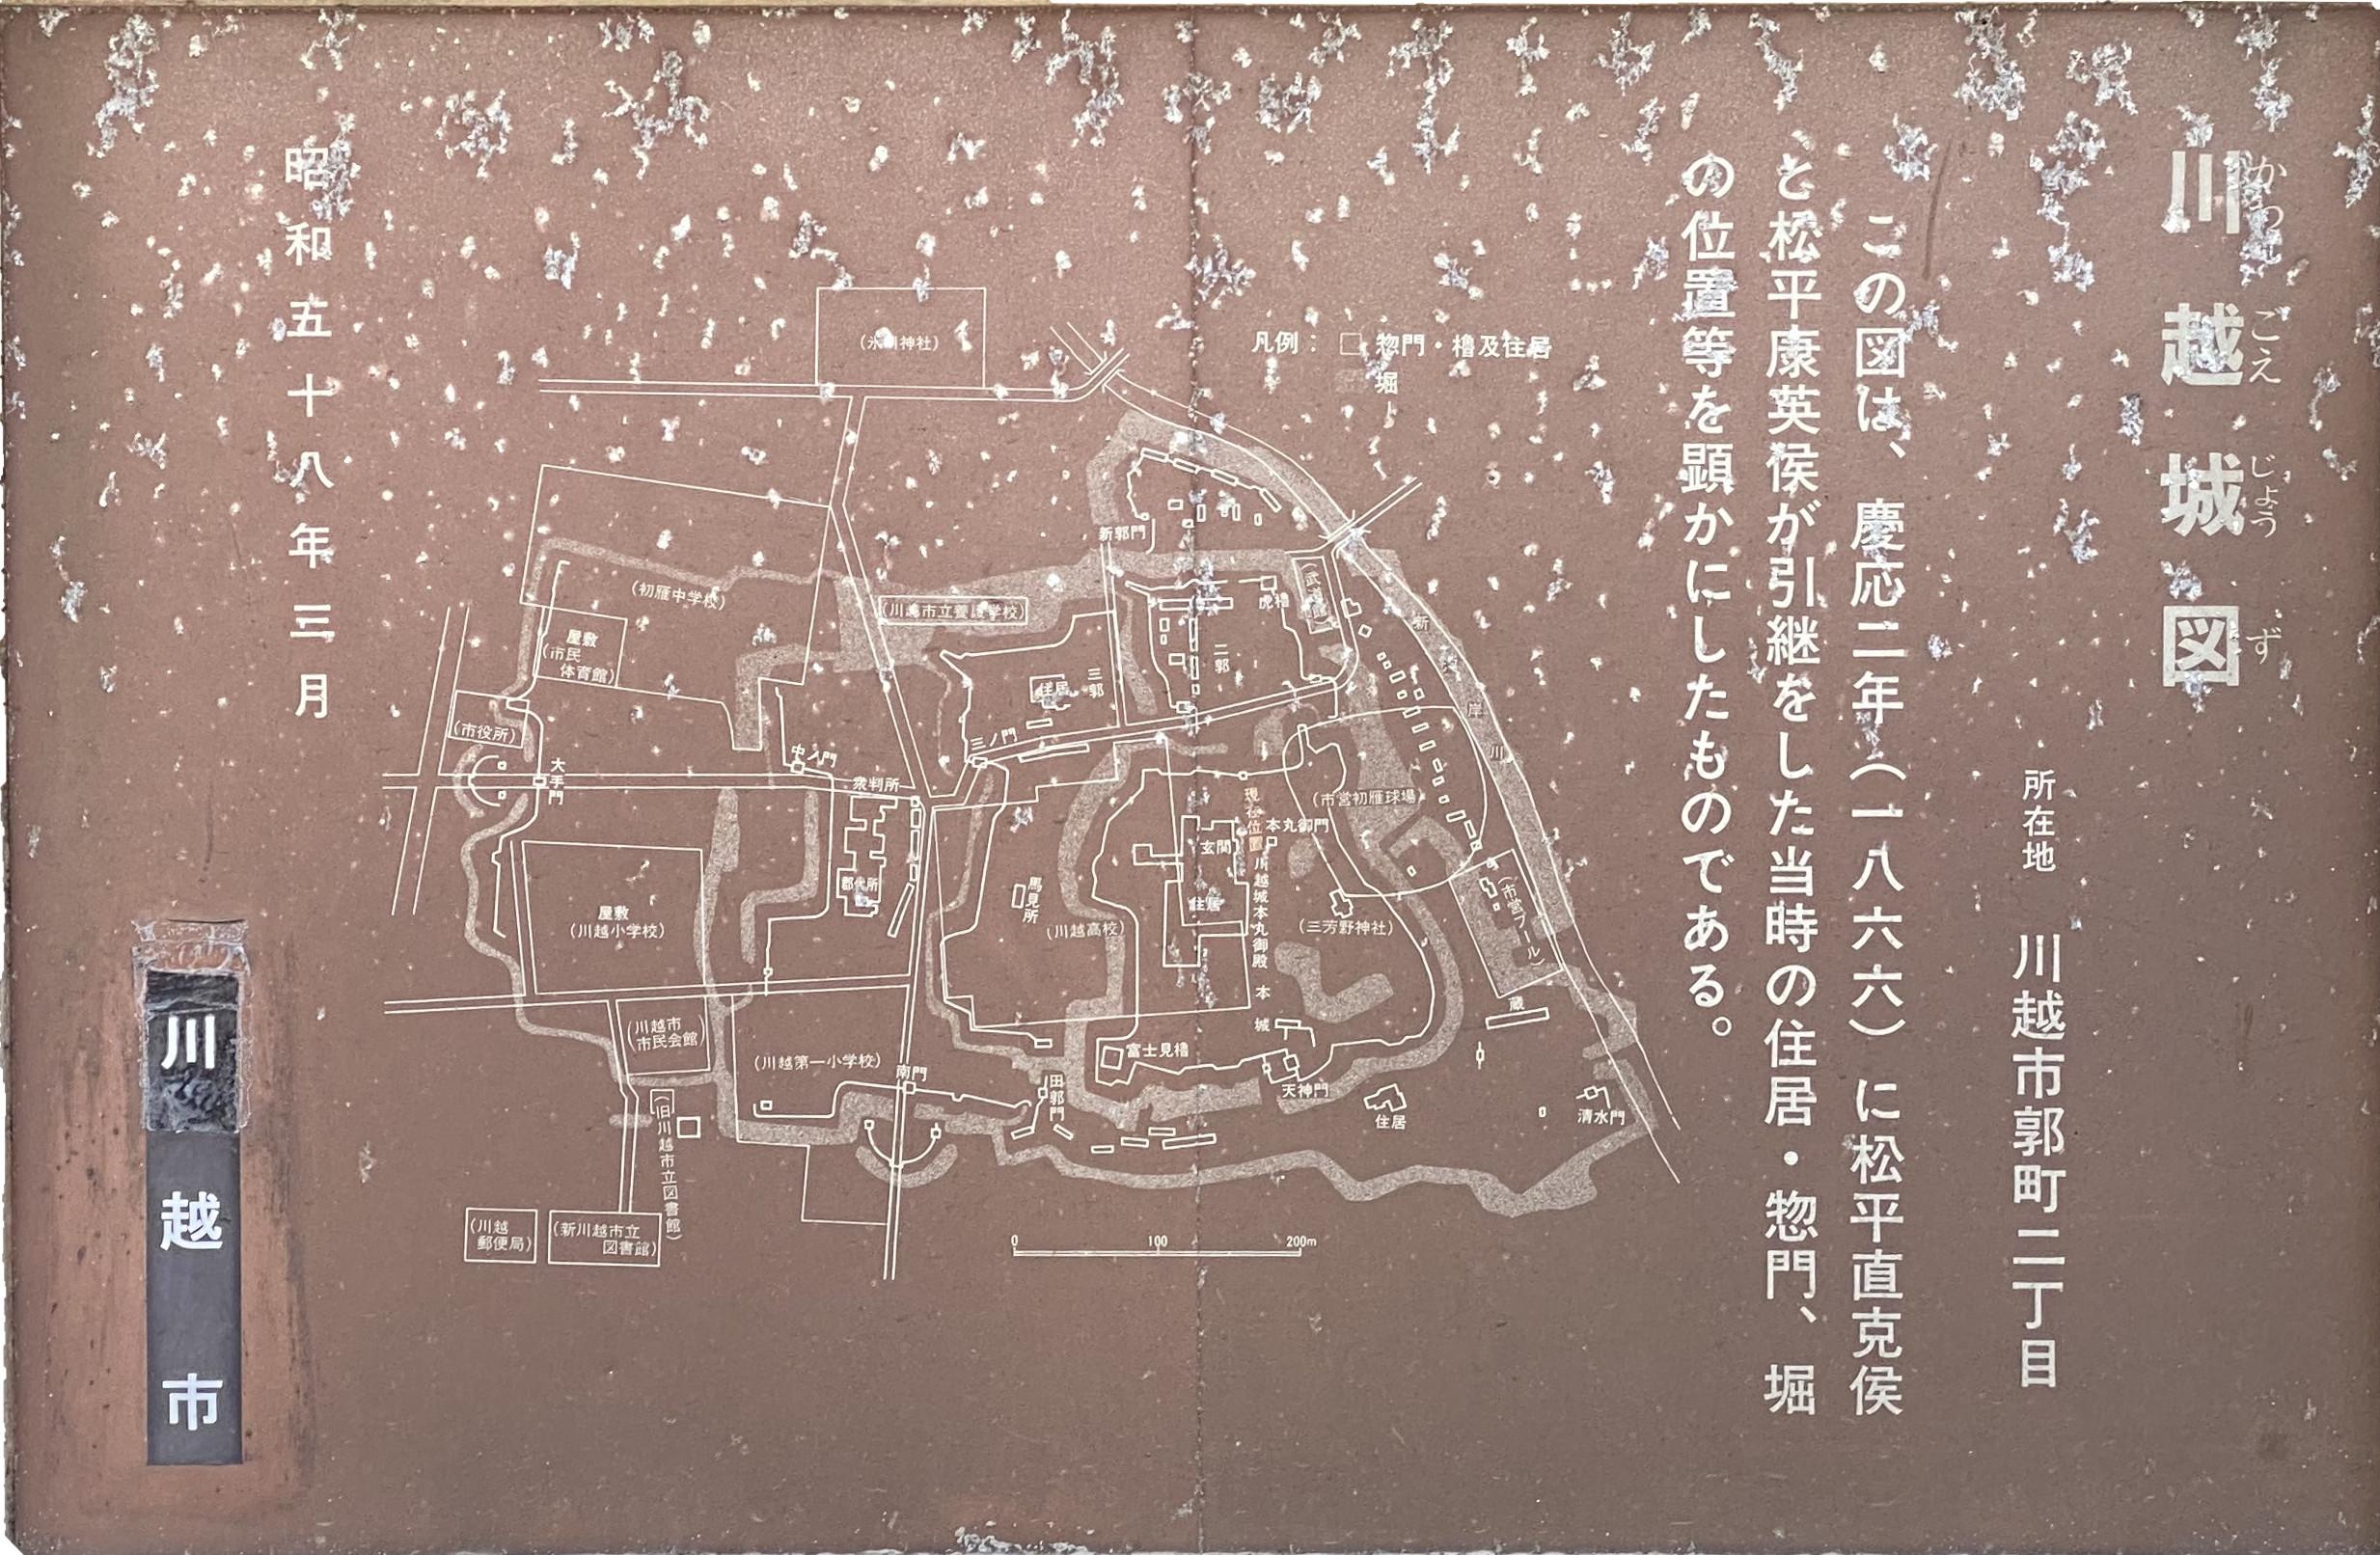 川越(かわごえ)城図(じょうず)